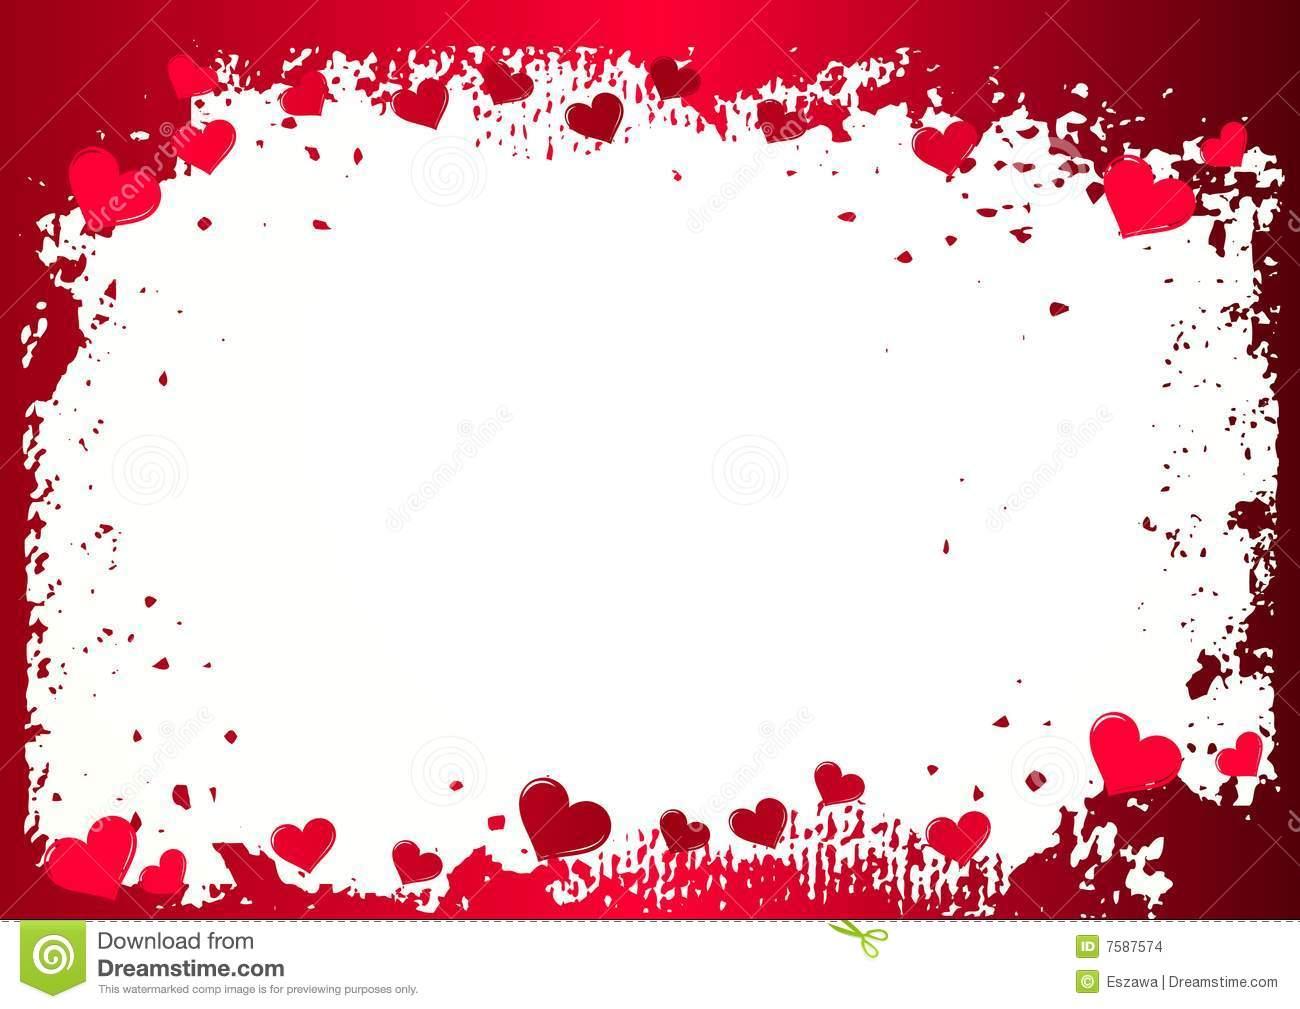 Valentine Background Image Wallpaper 12409 Wallpaper computer best 1300x1009